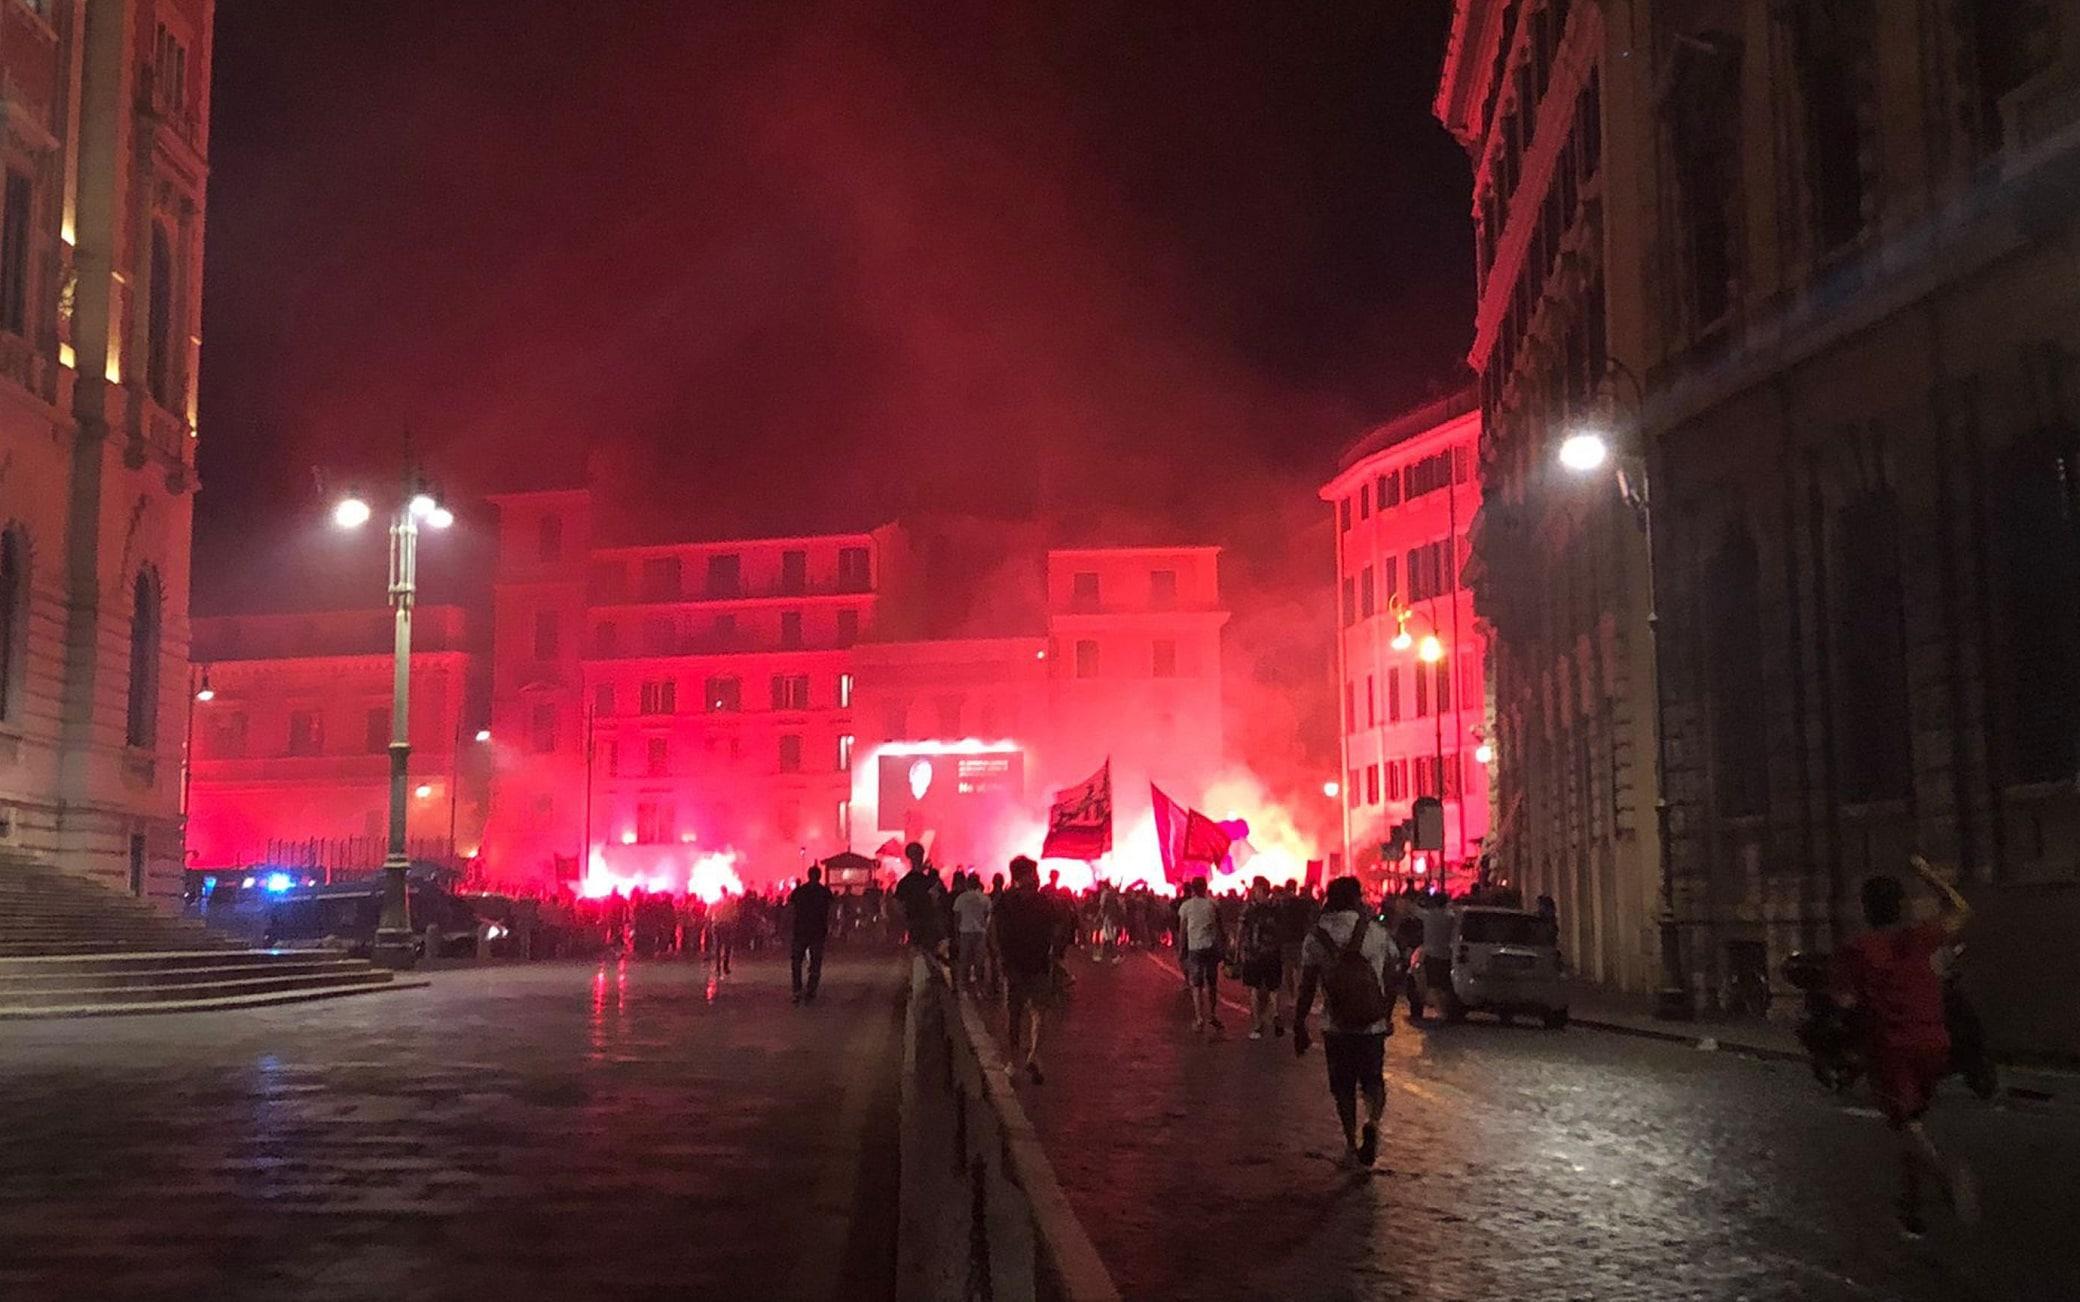 Il  raduno dei tifosi giallorossi tra via del Corso e piazza del Parlamento in centro Roma, 21 luglio 2021. ANSA/Melania Di Giacomo